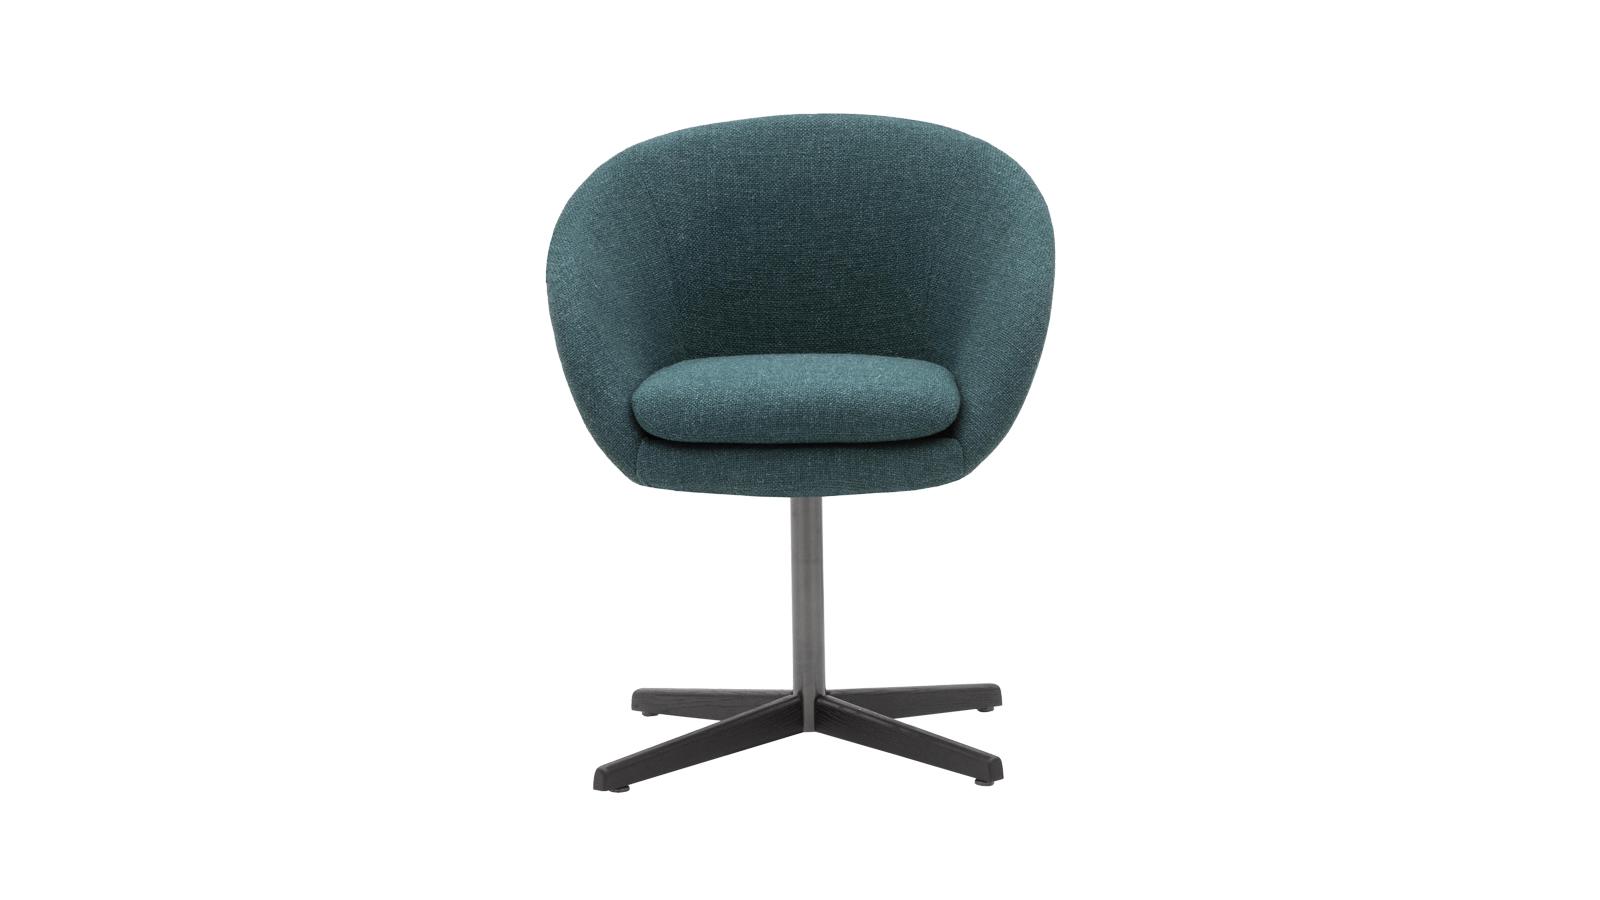 Egy igazi klasszikus: az ötvenes évek vidám, bohókás, kissé retró formavilágát idéző Russell Dining Chair biztosan sokak számára ismerős. Második pillantásra azonban rögtön feltűnik, hogy a forma valójában rafináltan minimalista és kifinomult, a lábazat pedig különösen karcsú és könnyed. A Minotti terméke a gyártó kézműves hagyományait is szépen megjeleníti, elsősorban a kézzel varrt részleteken.